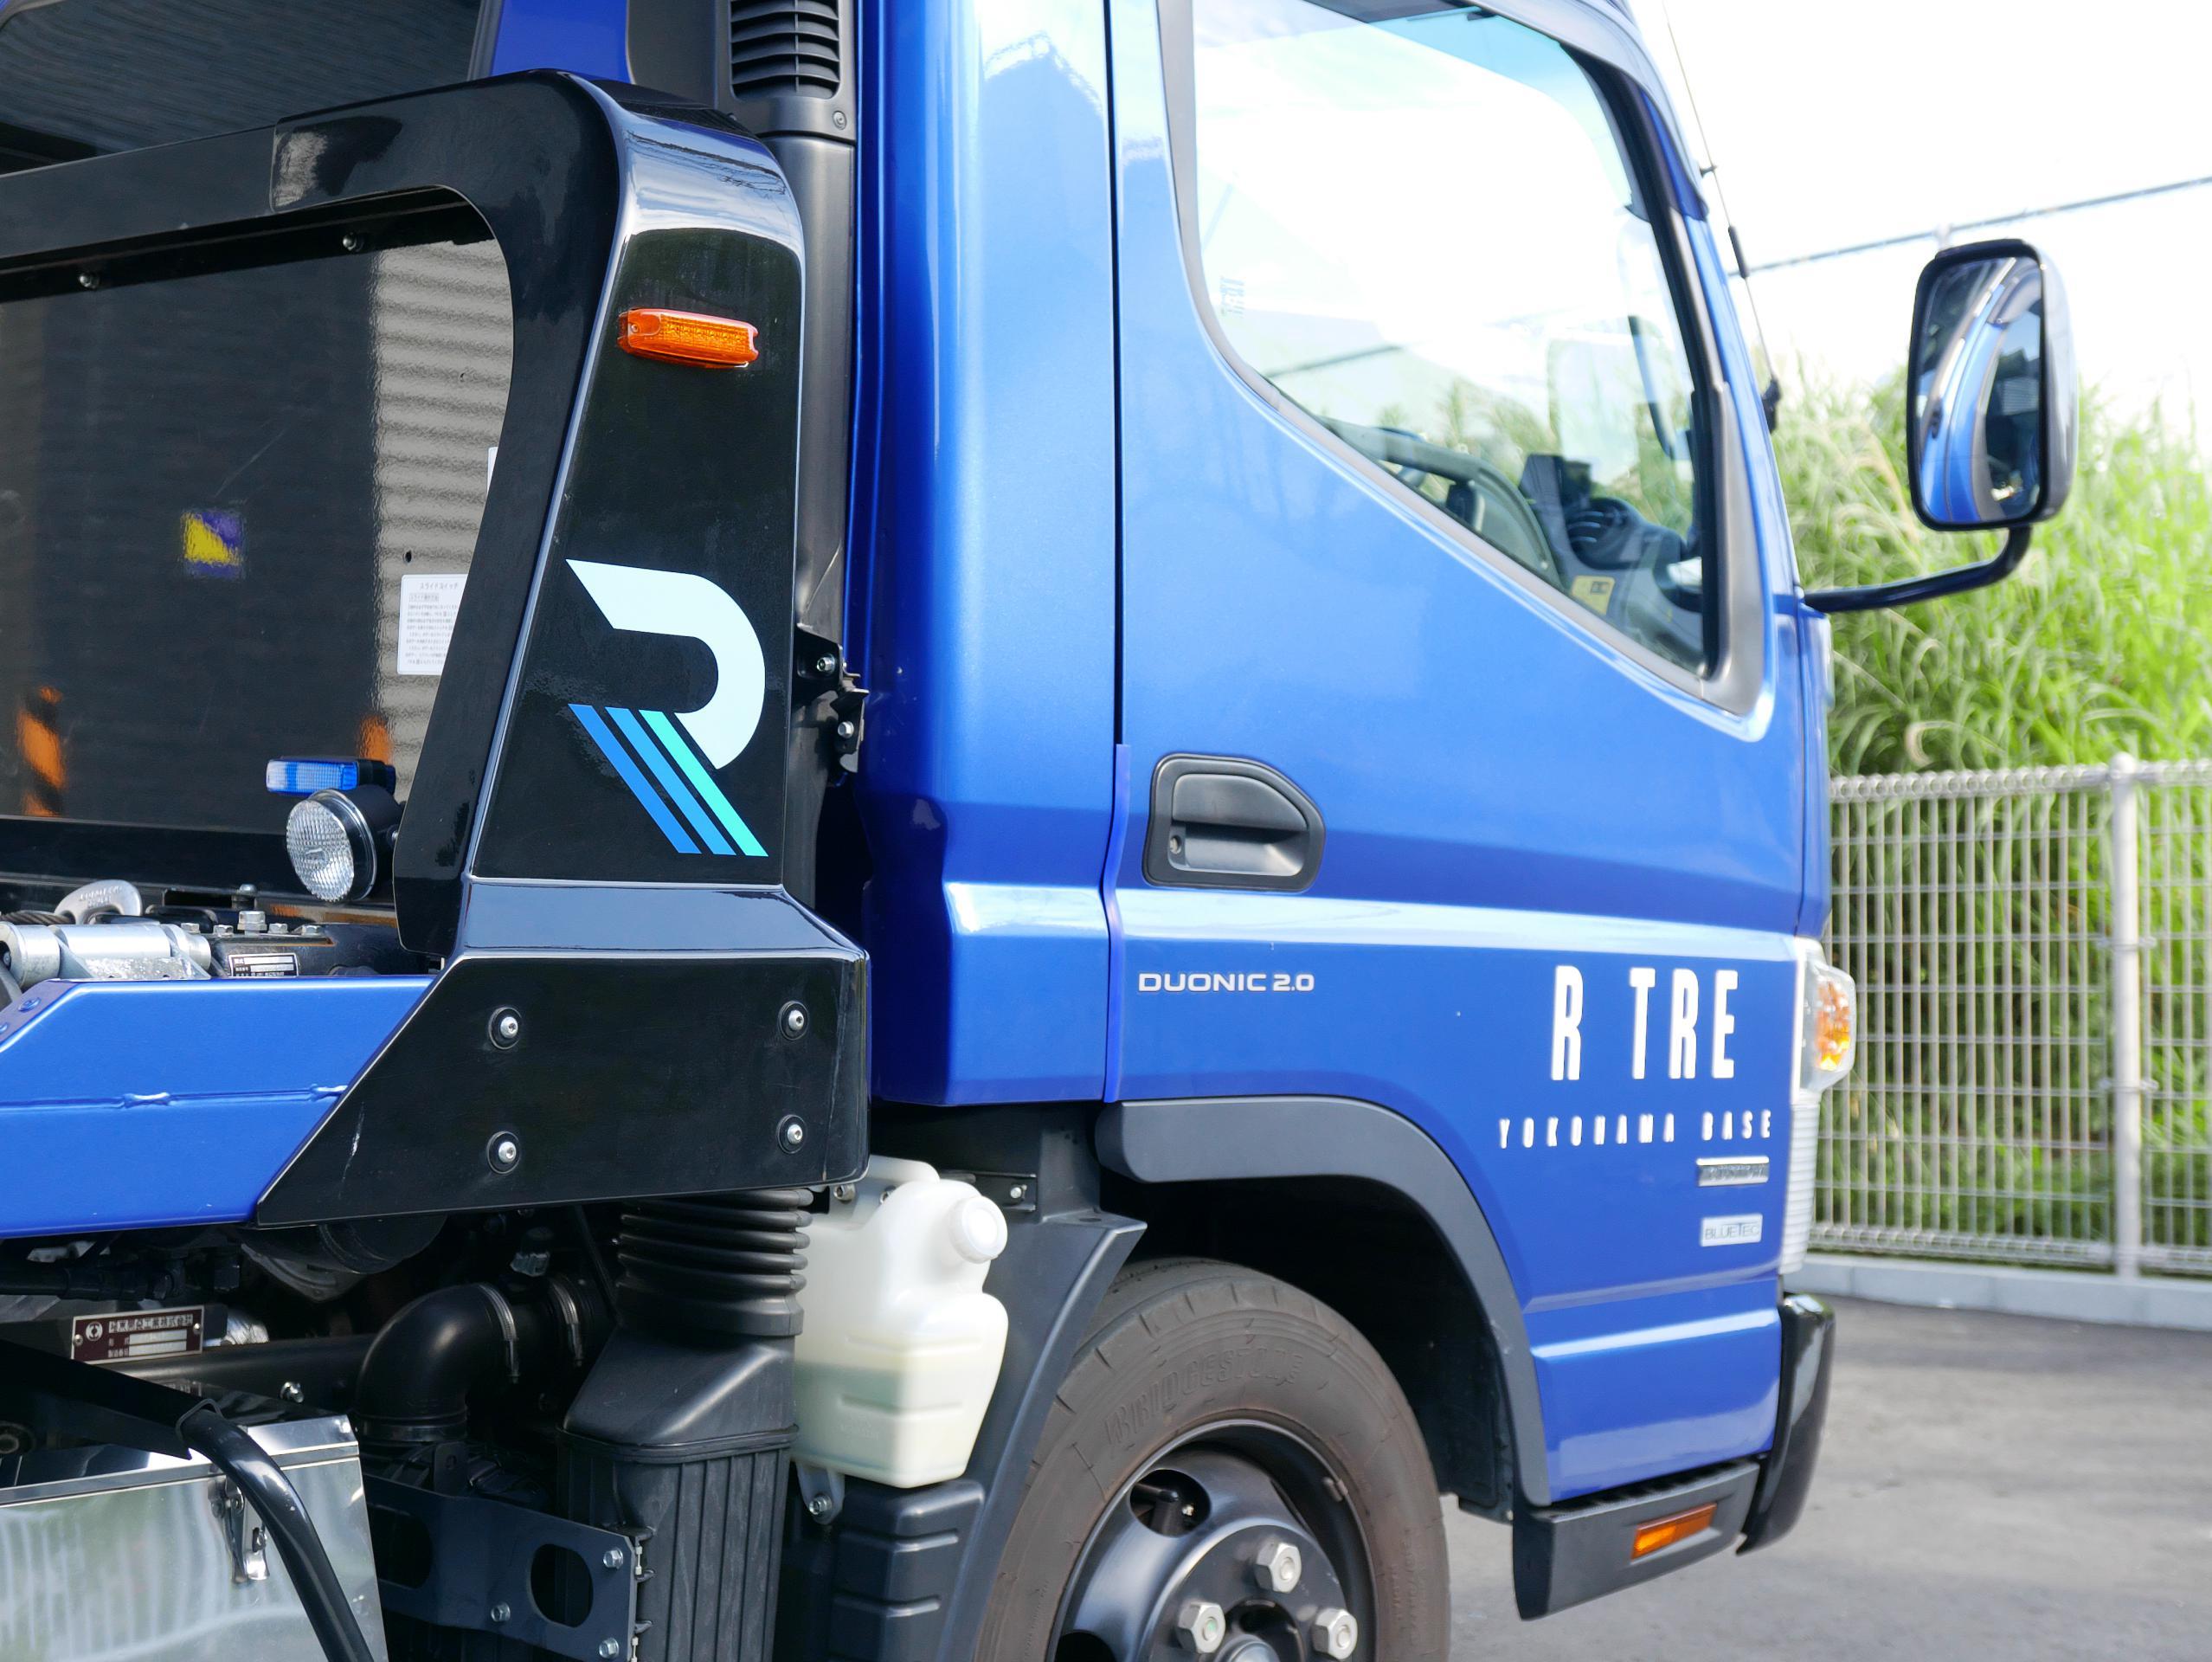 R TRE 積載車 運転席